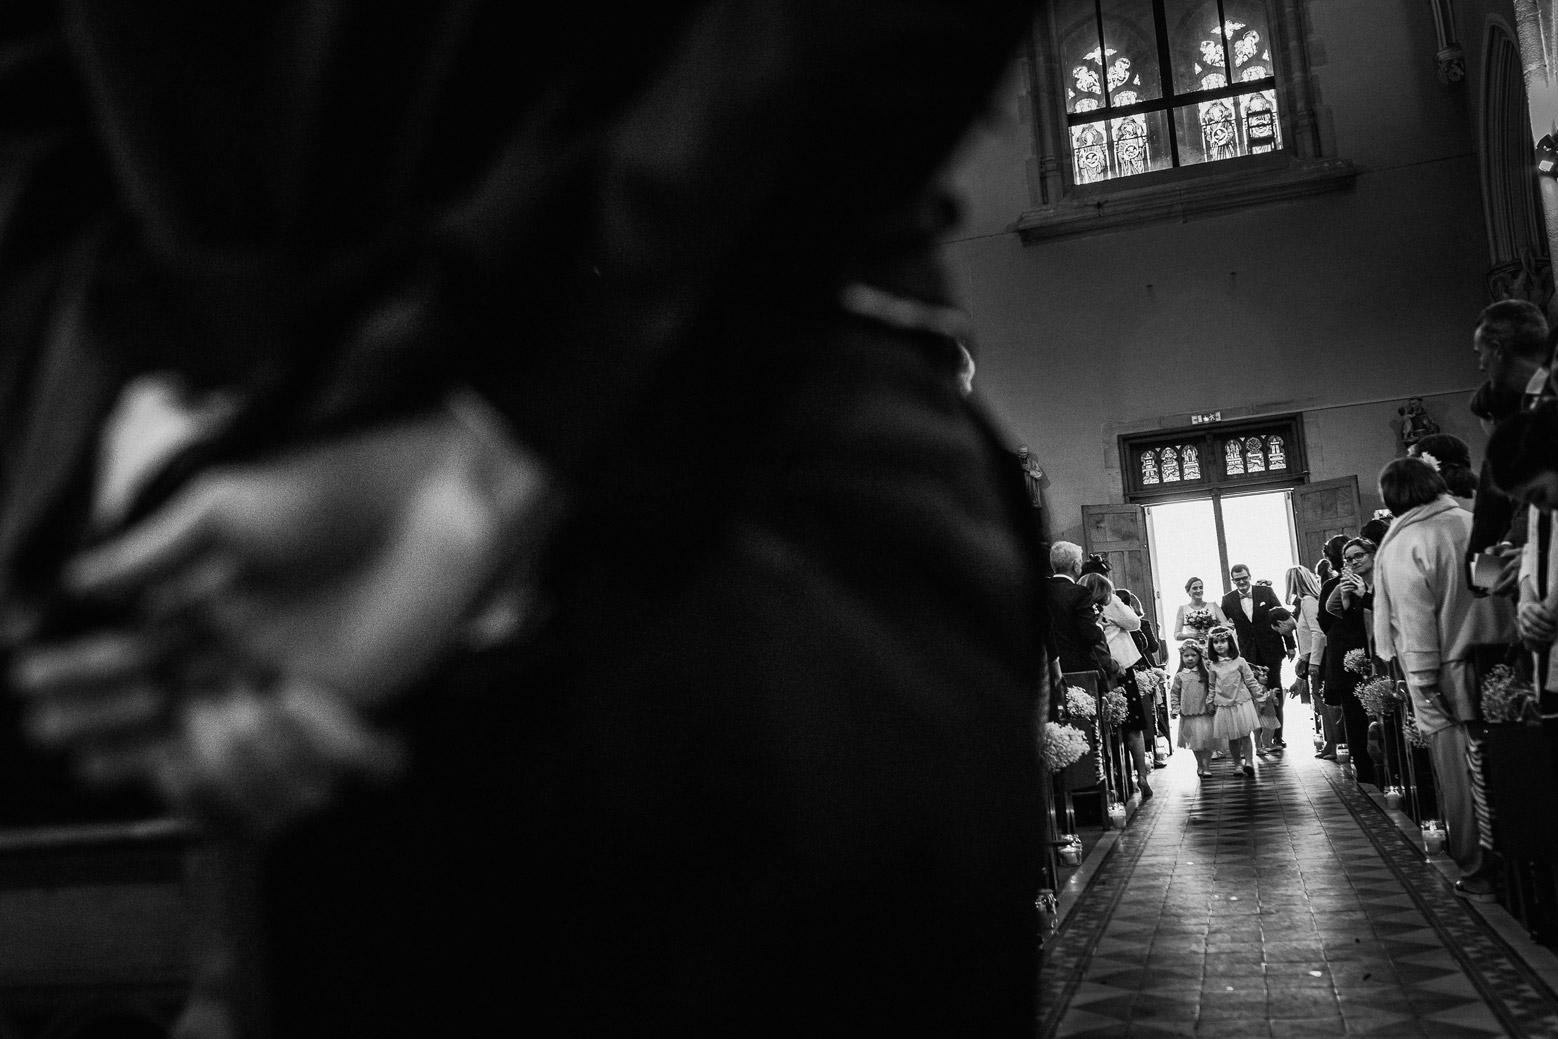 Reportage photo de mariage à Lyon - Manoir de la Garde. Le marié attend la mariée qui entre dans l'église